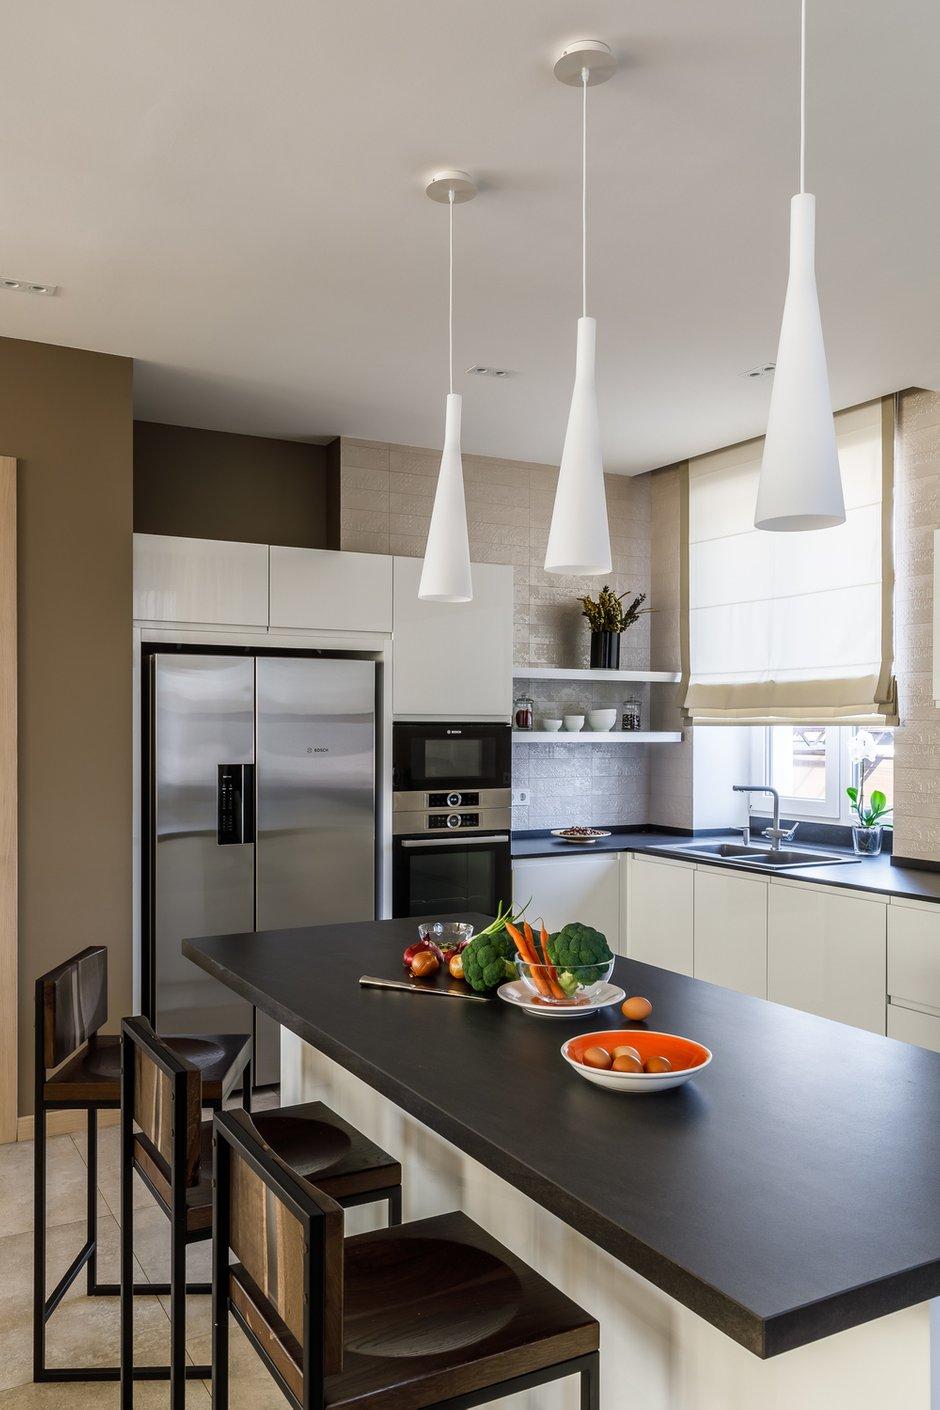 Фотография: Кухня и столовая в стиле Современный, Дом, Проект недели, Дом и дача, 4 и больше, Более 90 метров, Алиса Свистунова, Bon-Ton – фото на INMYROOM